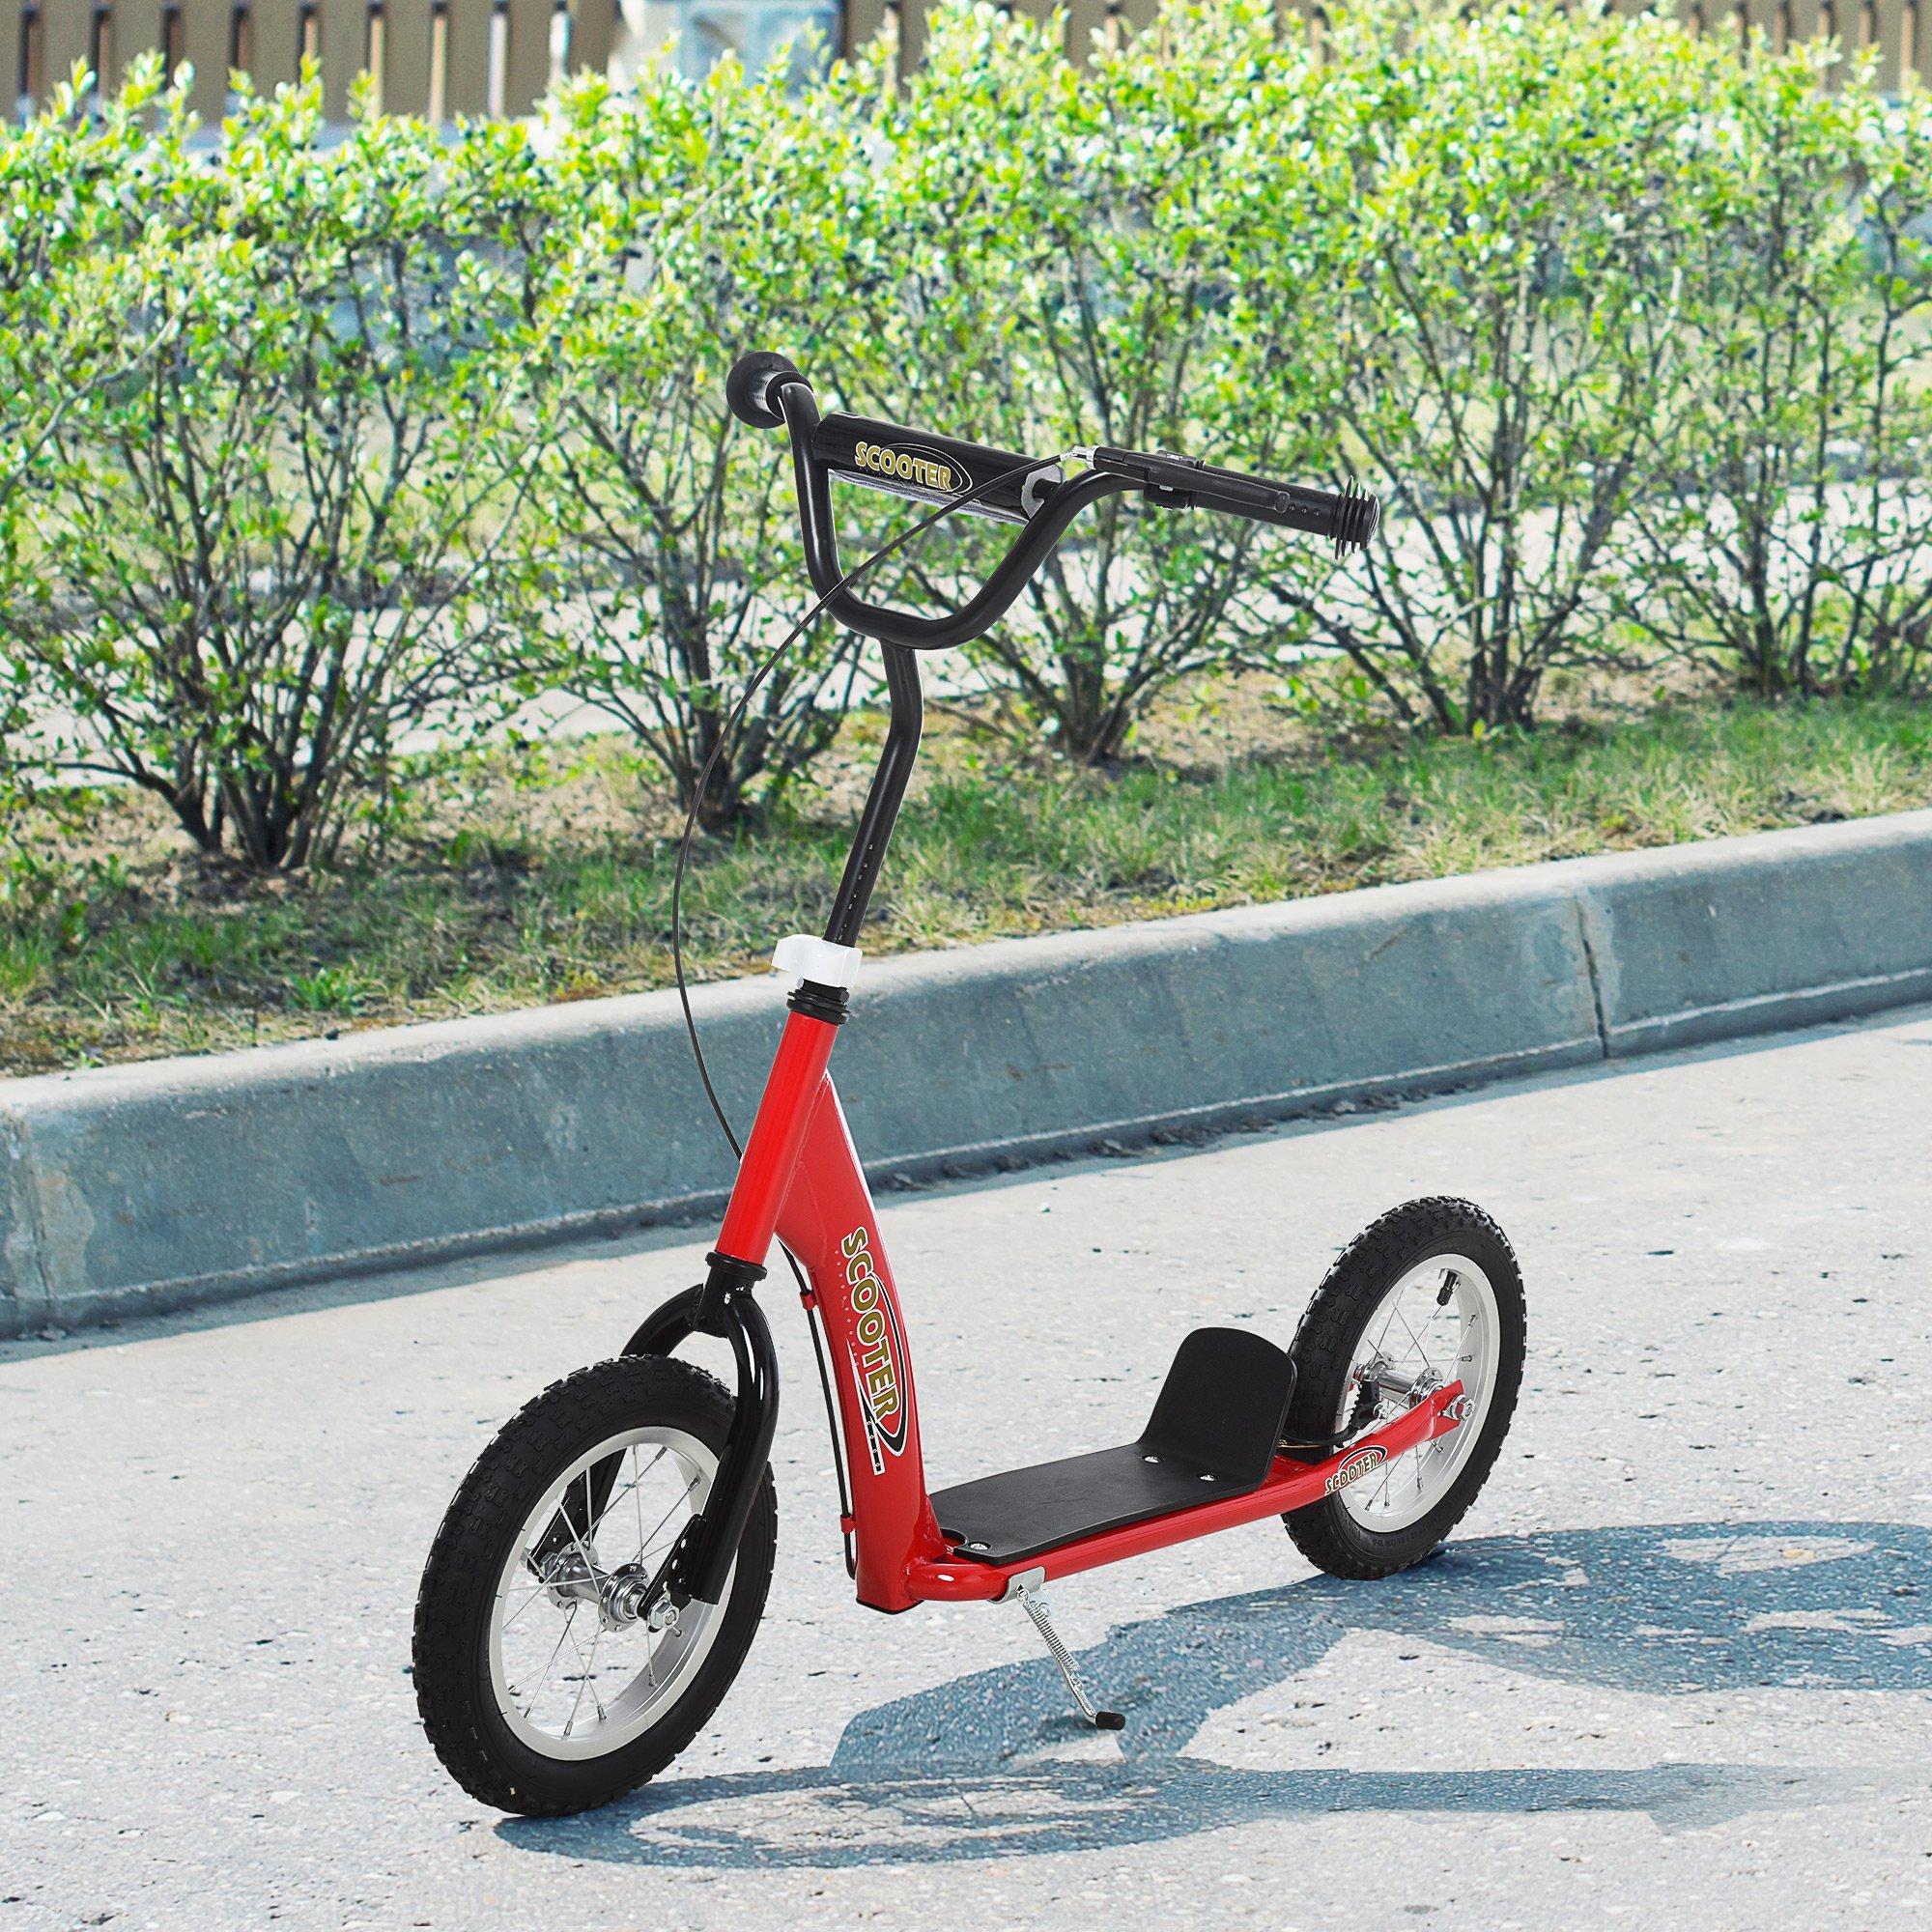 HOMCOM Patinete para Niños Mayores de 5 Años Scooter 2 Neumáticos Inflables de Caucho con Frenos Manillar Ajustable 117x52x80-85 cm Rojo